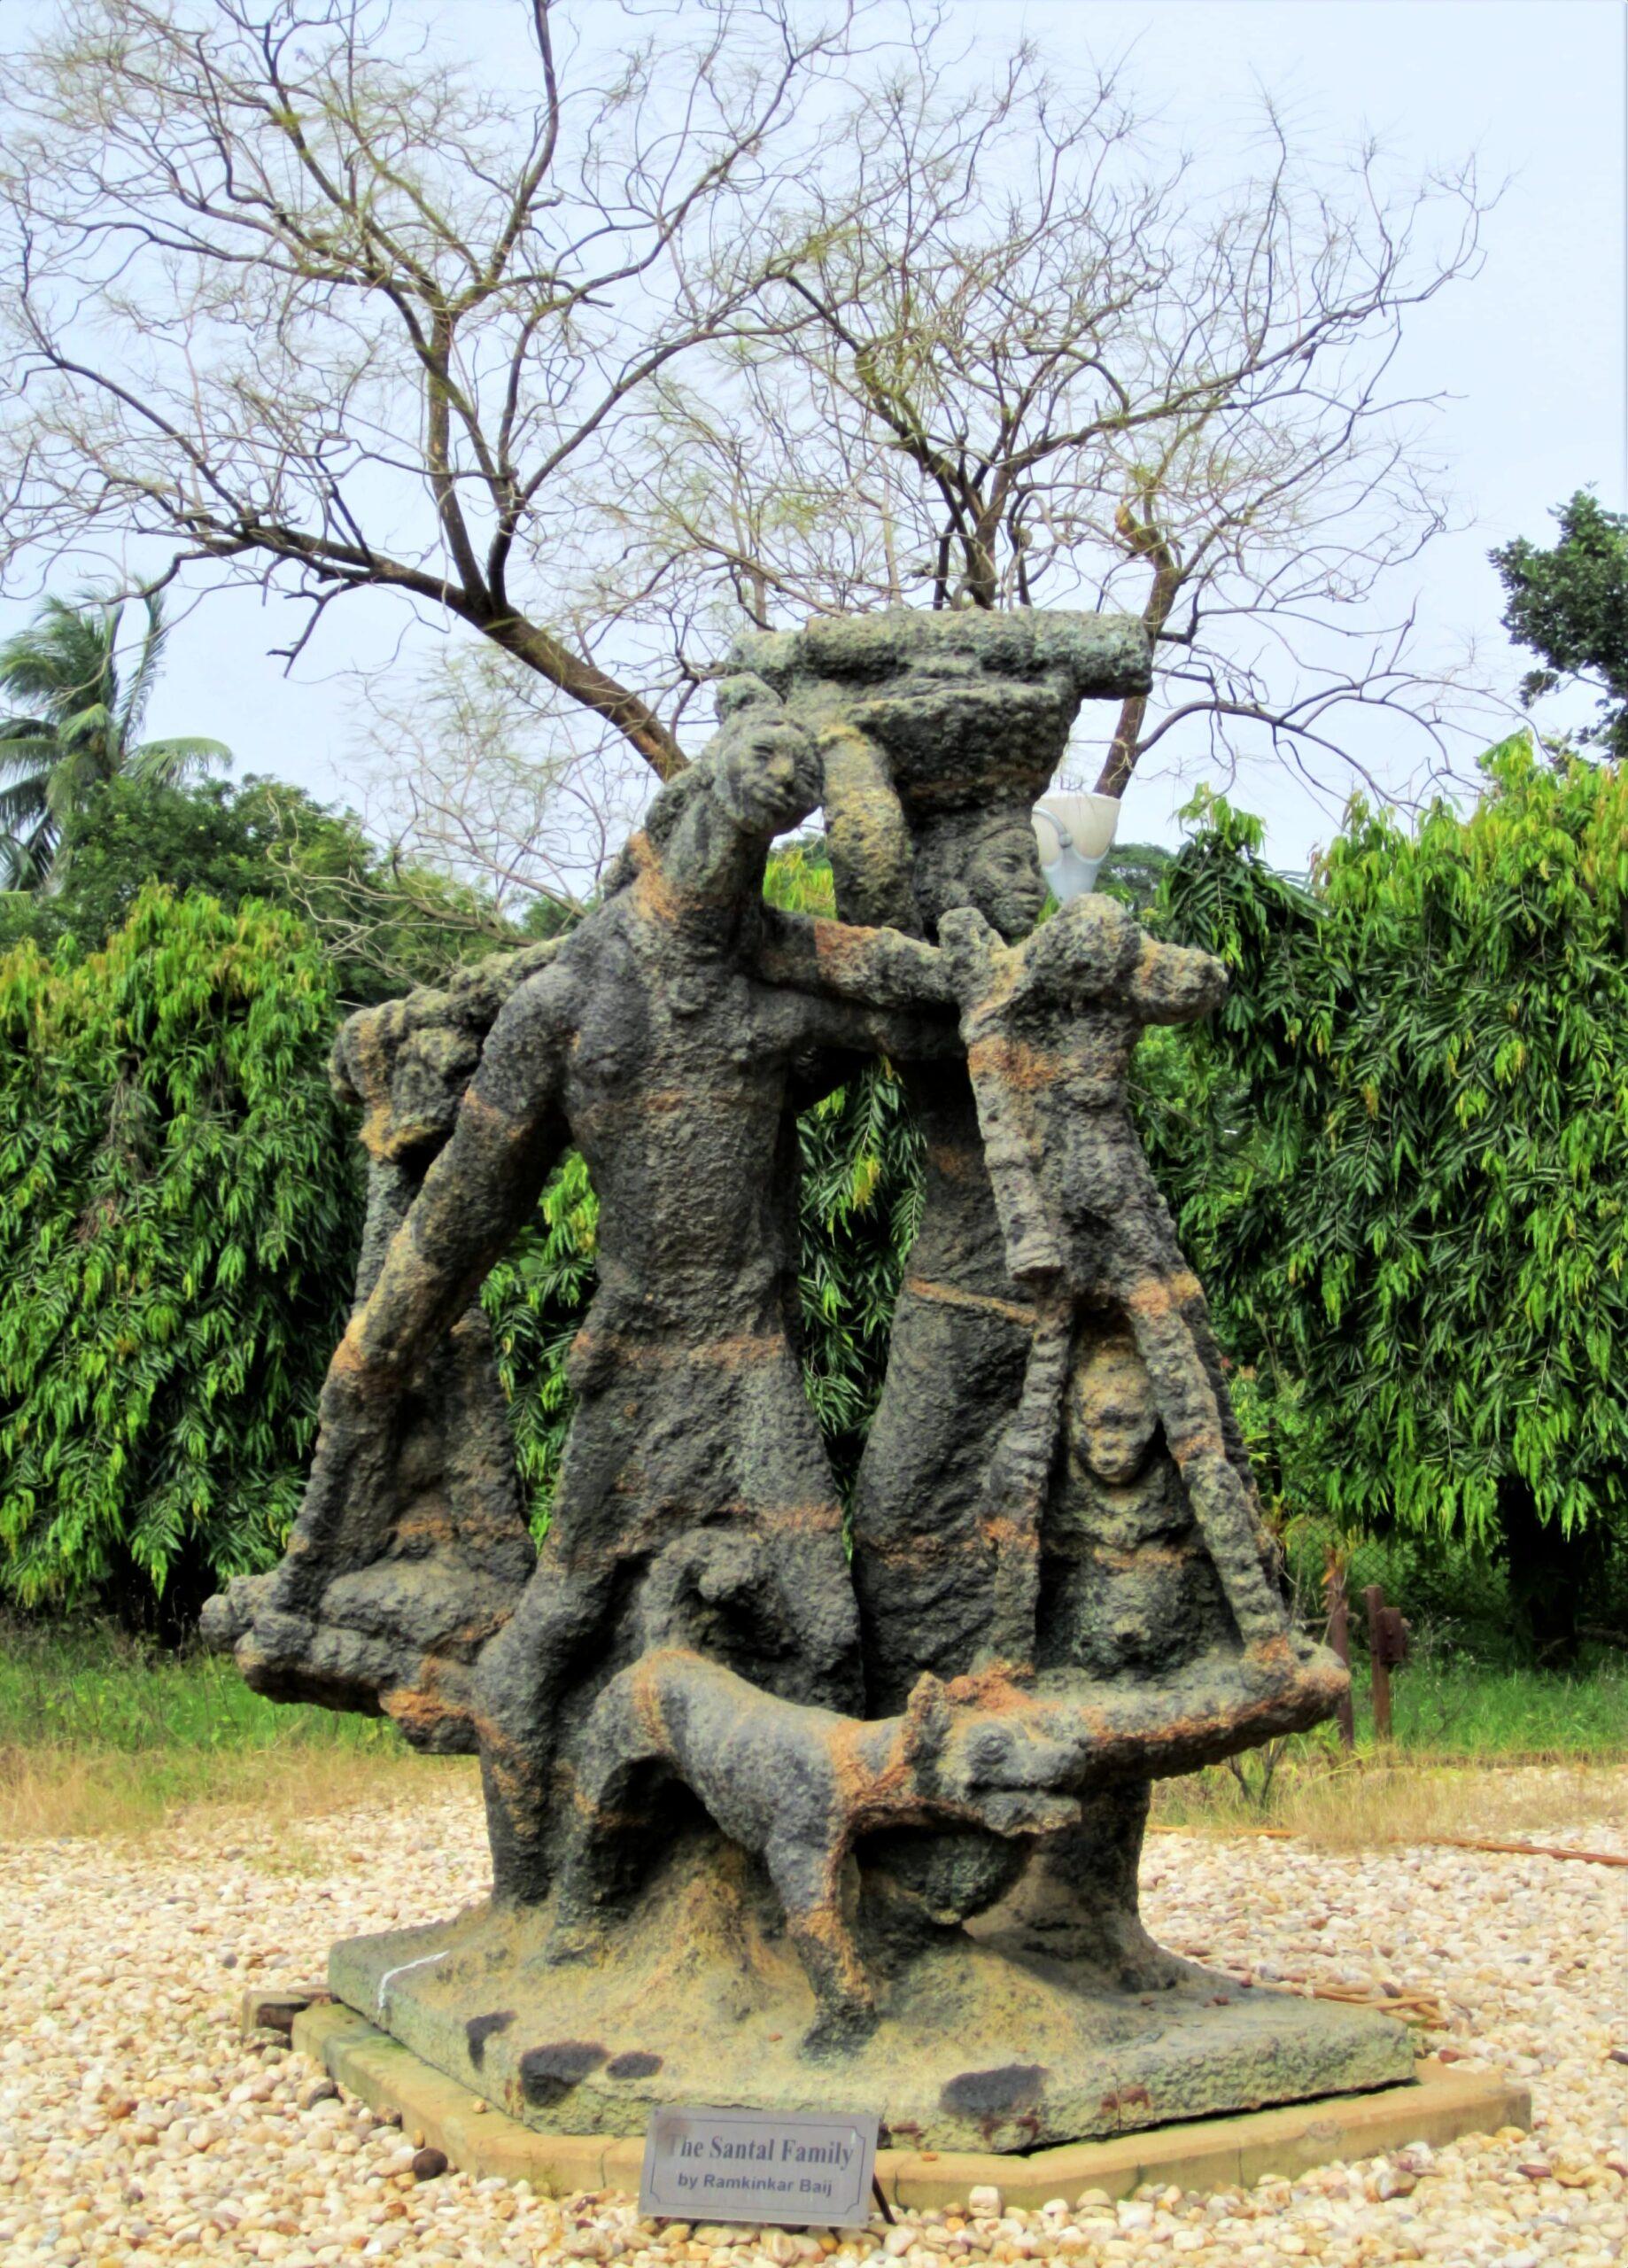 Santal Family by Ramkinkar Baij